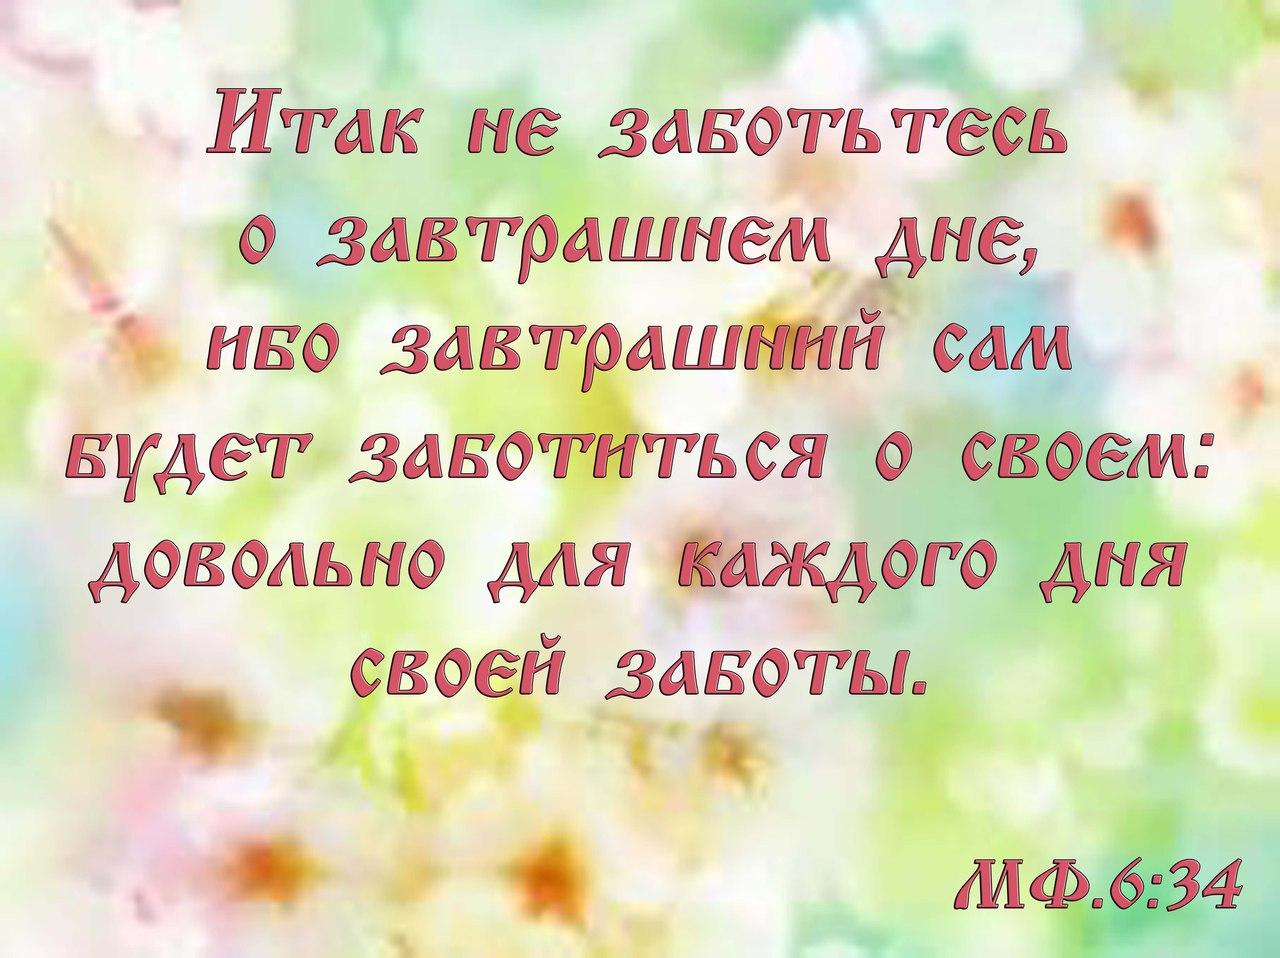 pp.userapi.com/c840221/v840221362/a5/n7DTkkt2BcQ.jpg